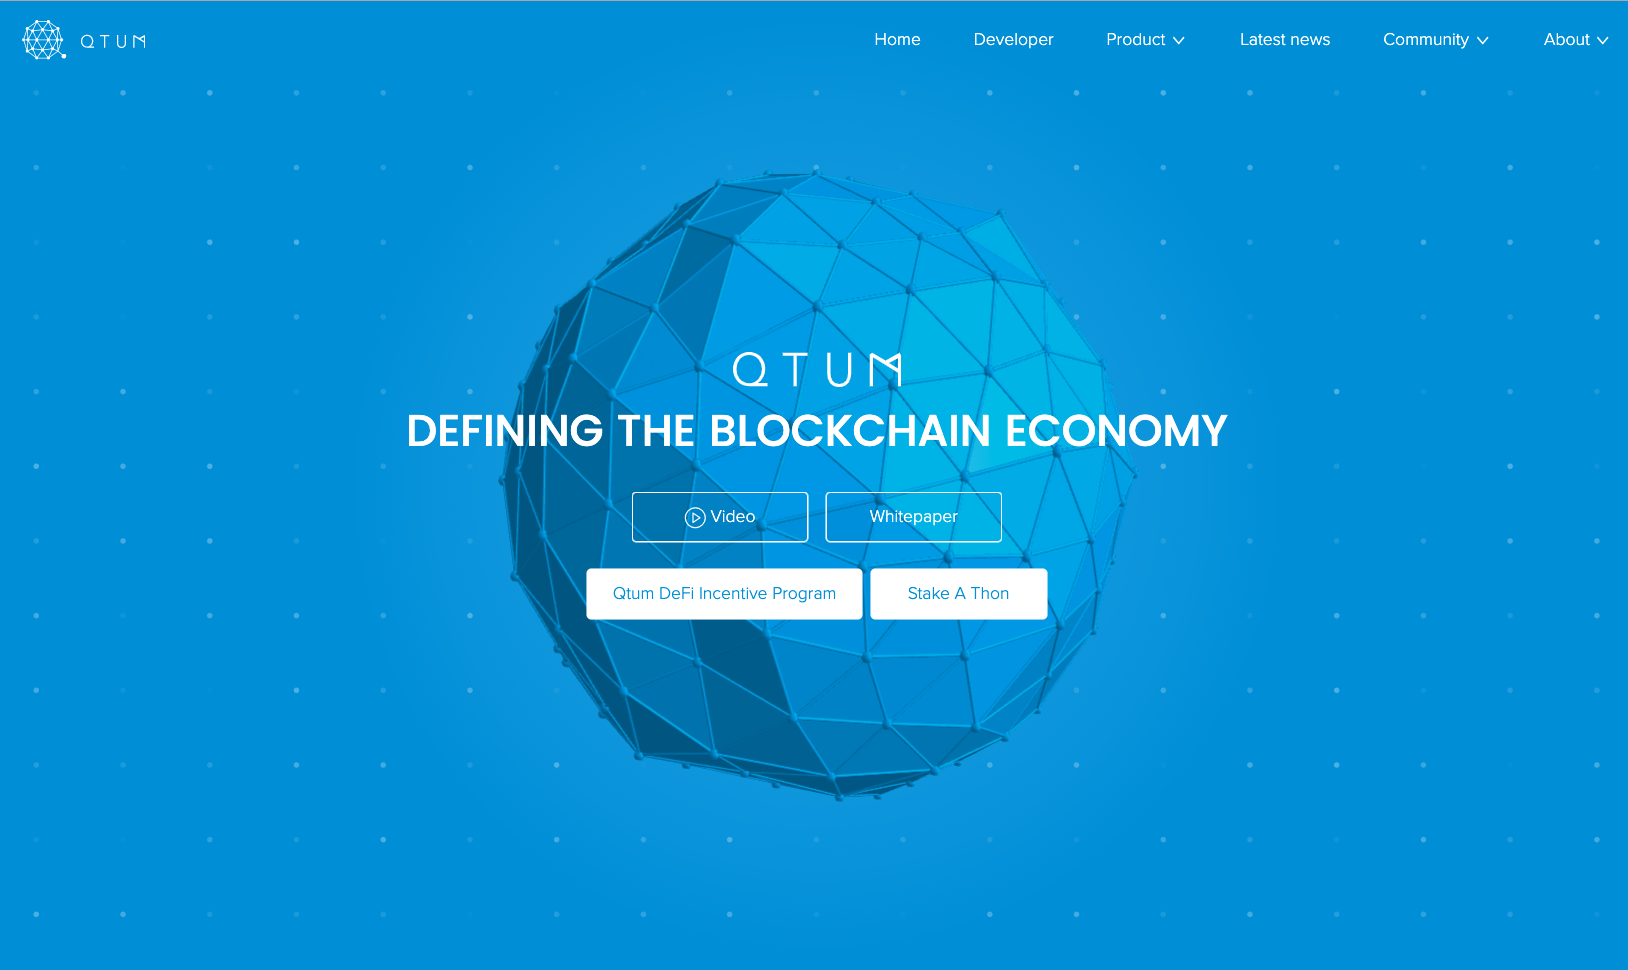 QTUM公式ホームページ